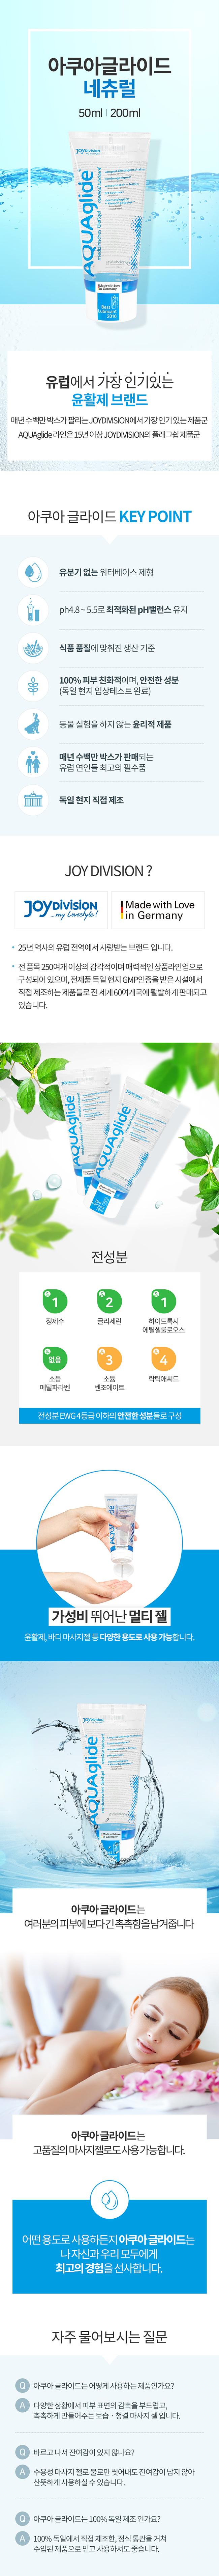 [고급 젤] 아쿠아글라이드 뉴트럴 40ml/200ml